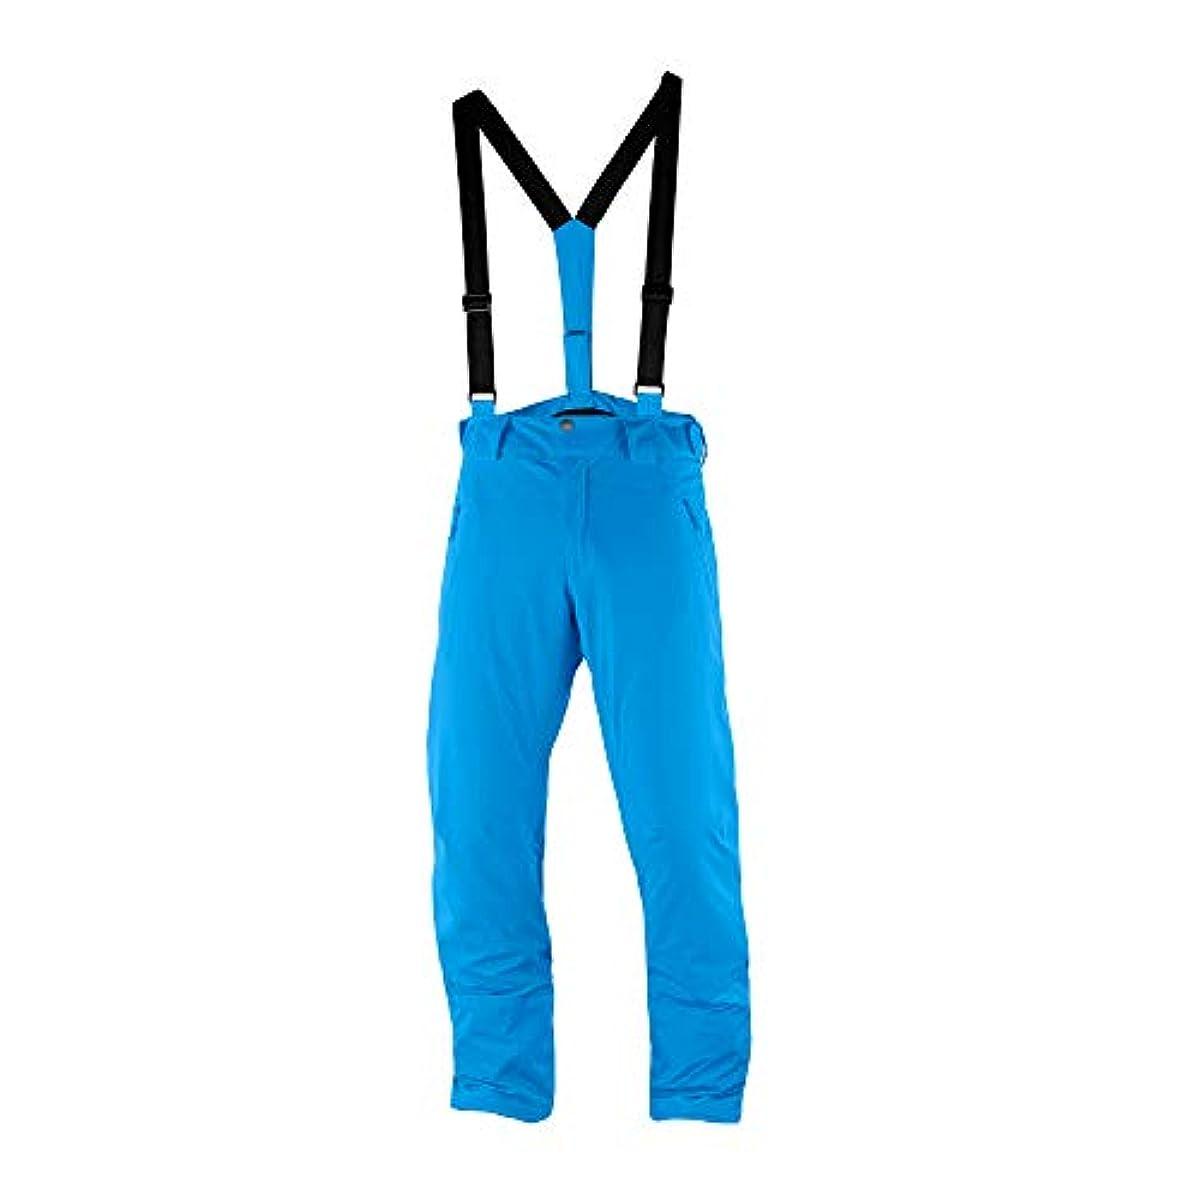 [해외] 살로몬SALOMON 스키 웨어 맨즈 팬츠 ICEGLORY PANT MEN 아이스구로리 팬츠 맨즈 2018-19년 모델 사이즈S~XL